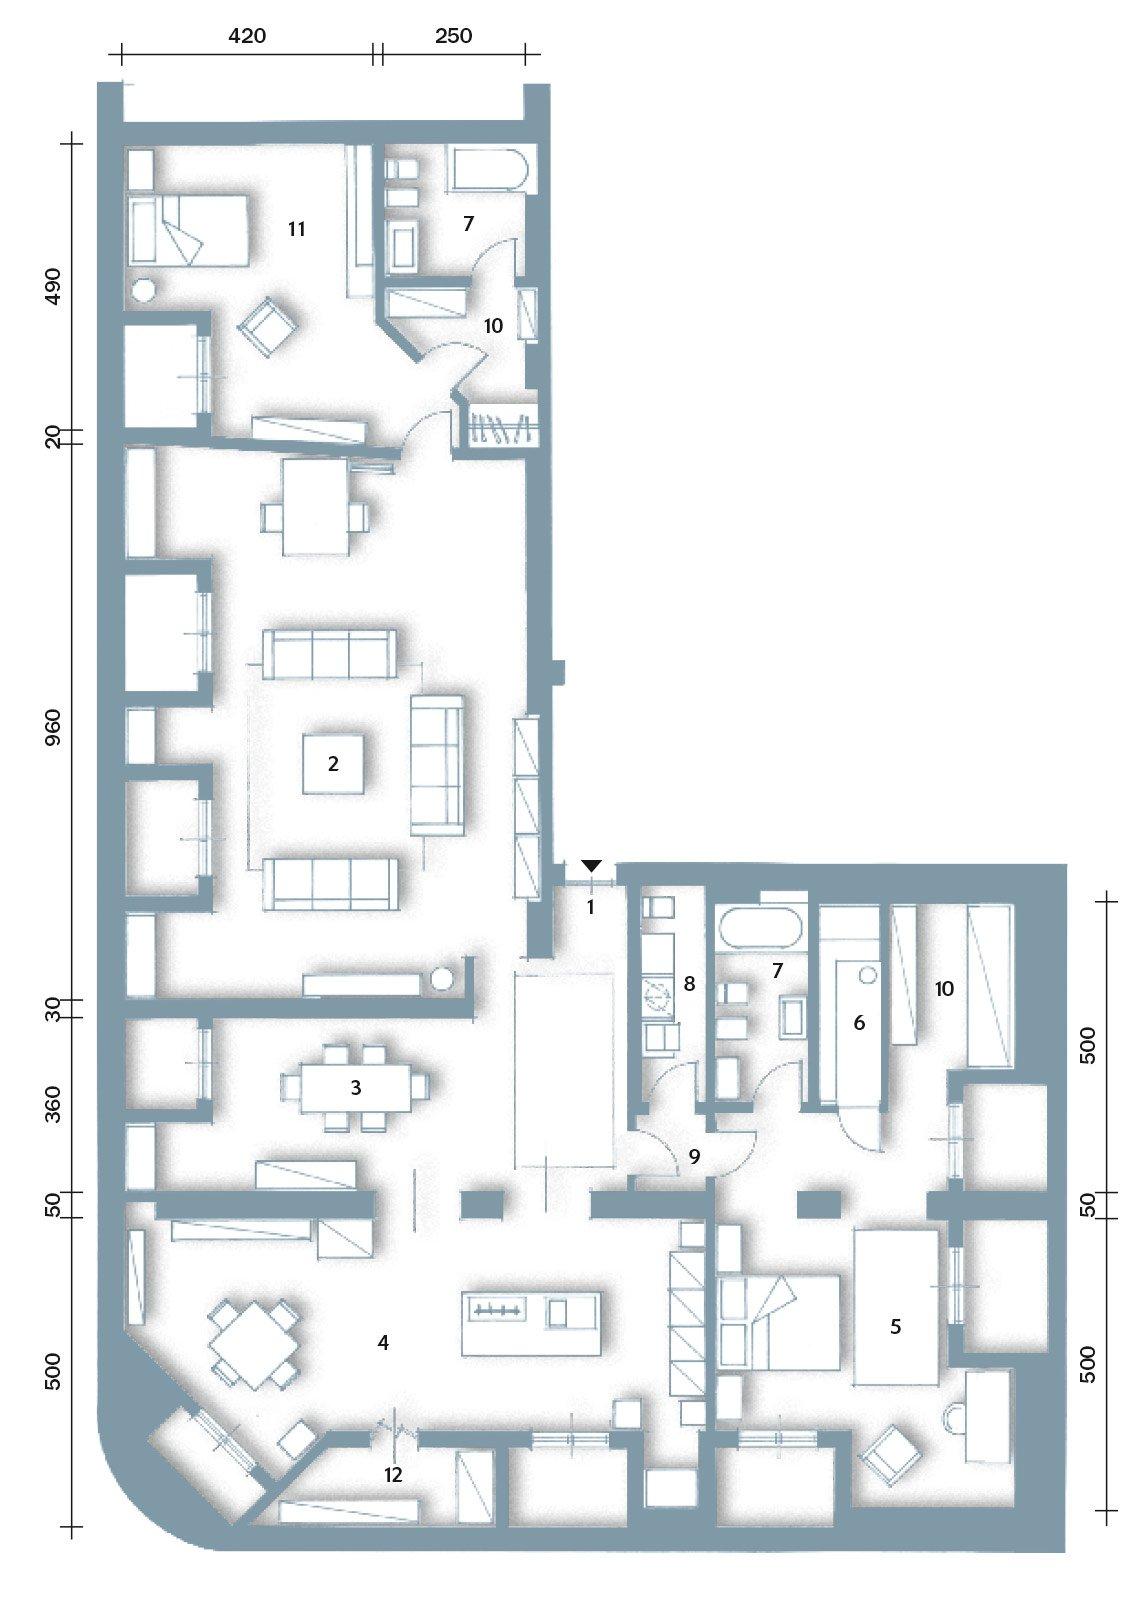 Casabook immobiliare sottotetto una casa con travi a vista for Fare una pianta della casa